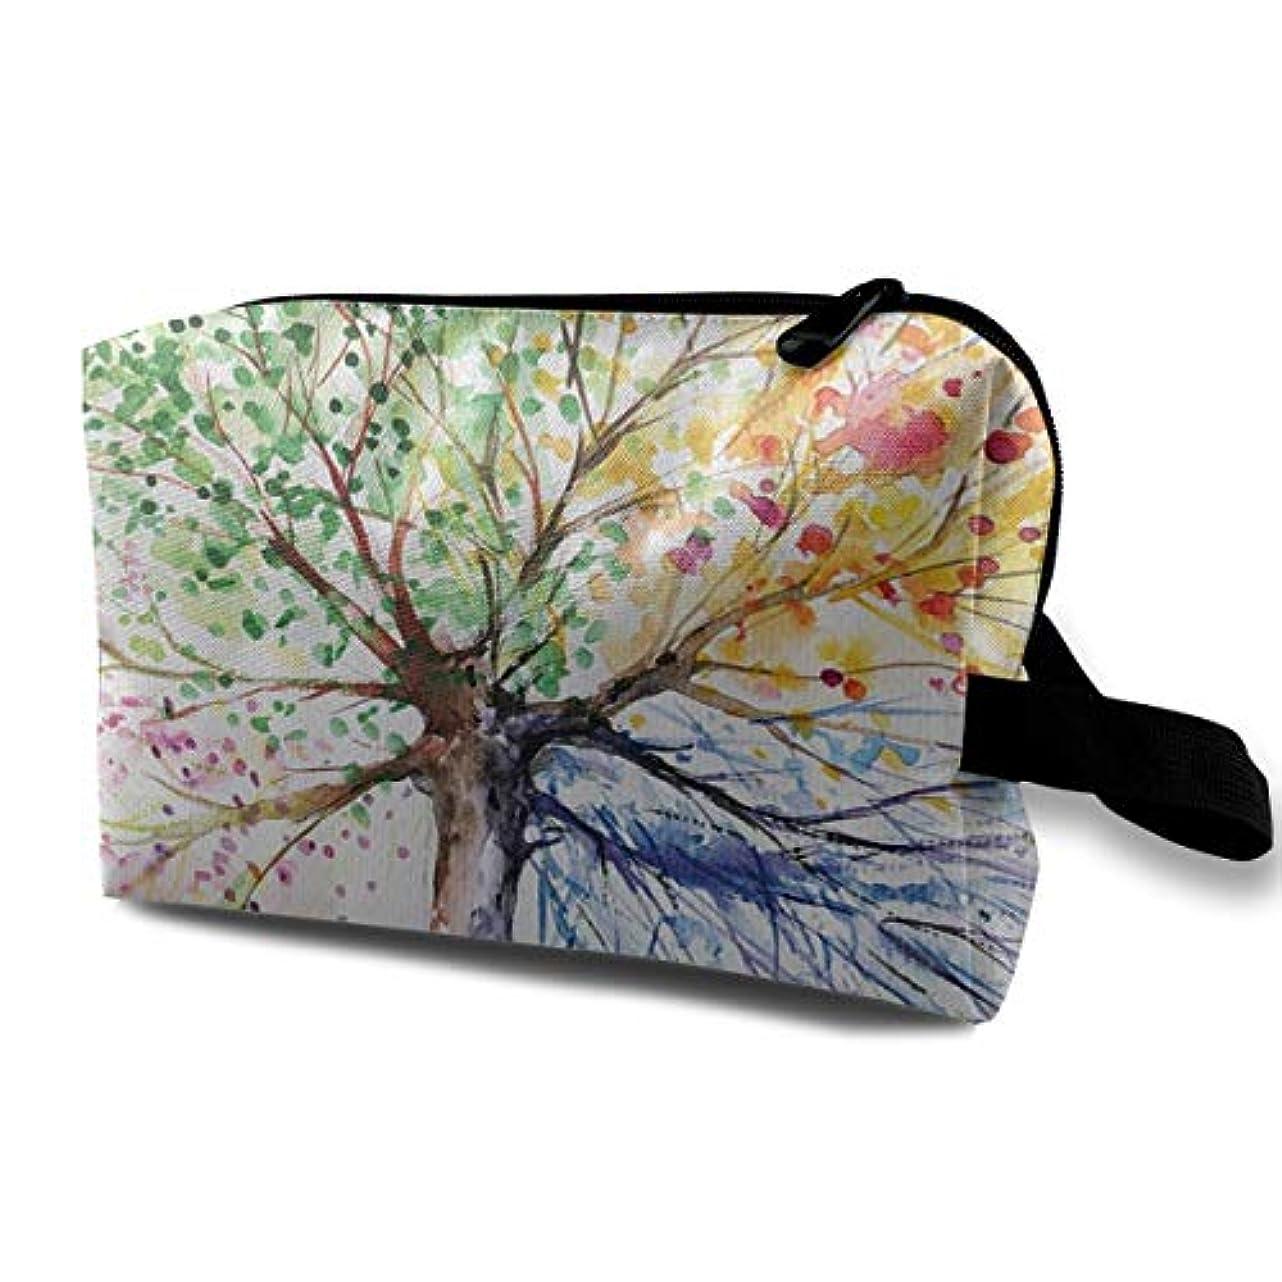 入場リンケージリスキーなArt Color Tree 収納ポーチ 化粧ポーチ 大容量 軽量 耐久性 ハンドル付持ち運び便利。入れ 自宅?出張?旅行?アウトドア撮影などに対応。メンズ レディース トラベルグッズ